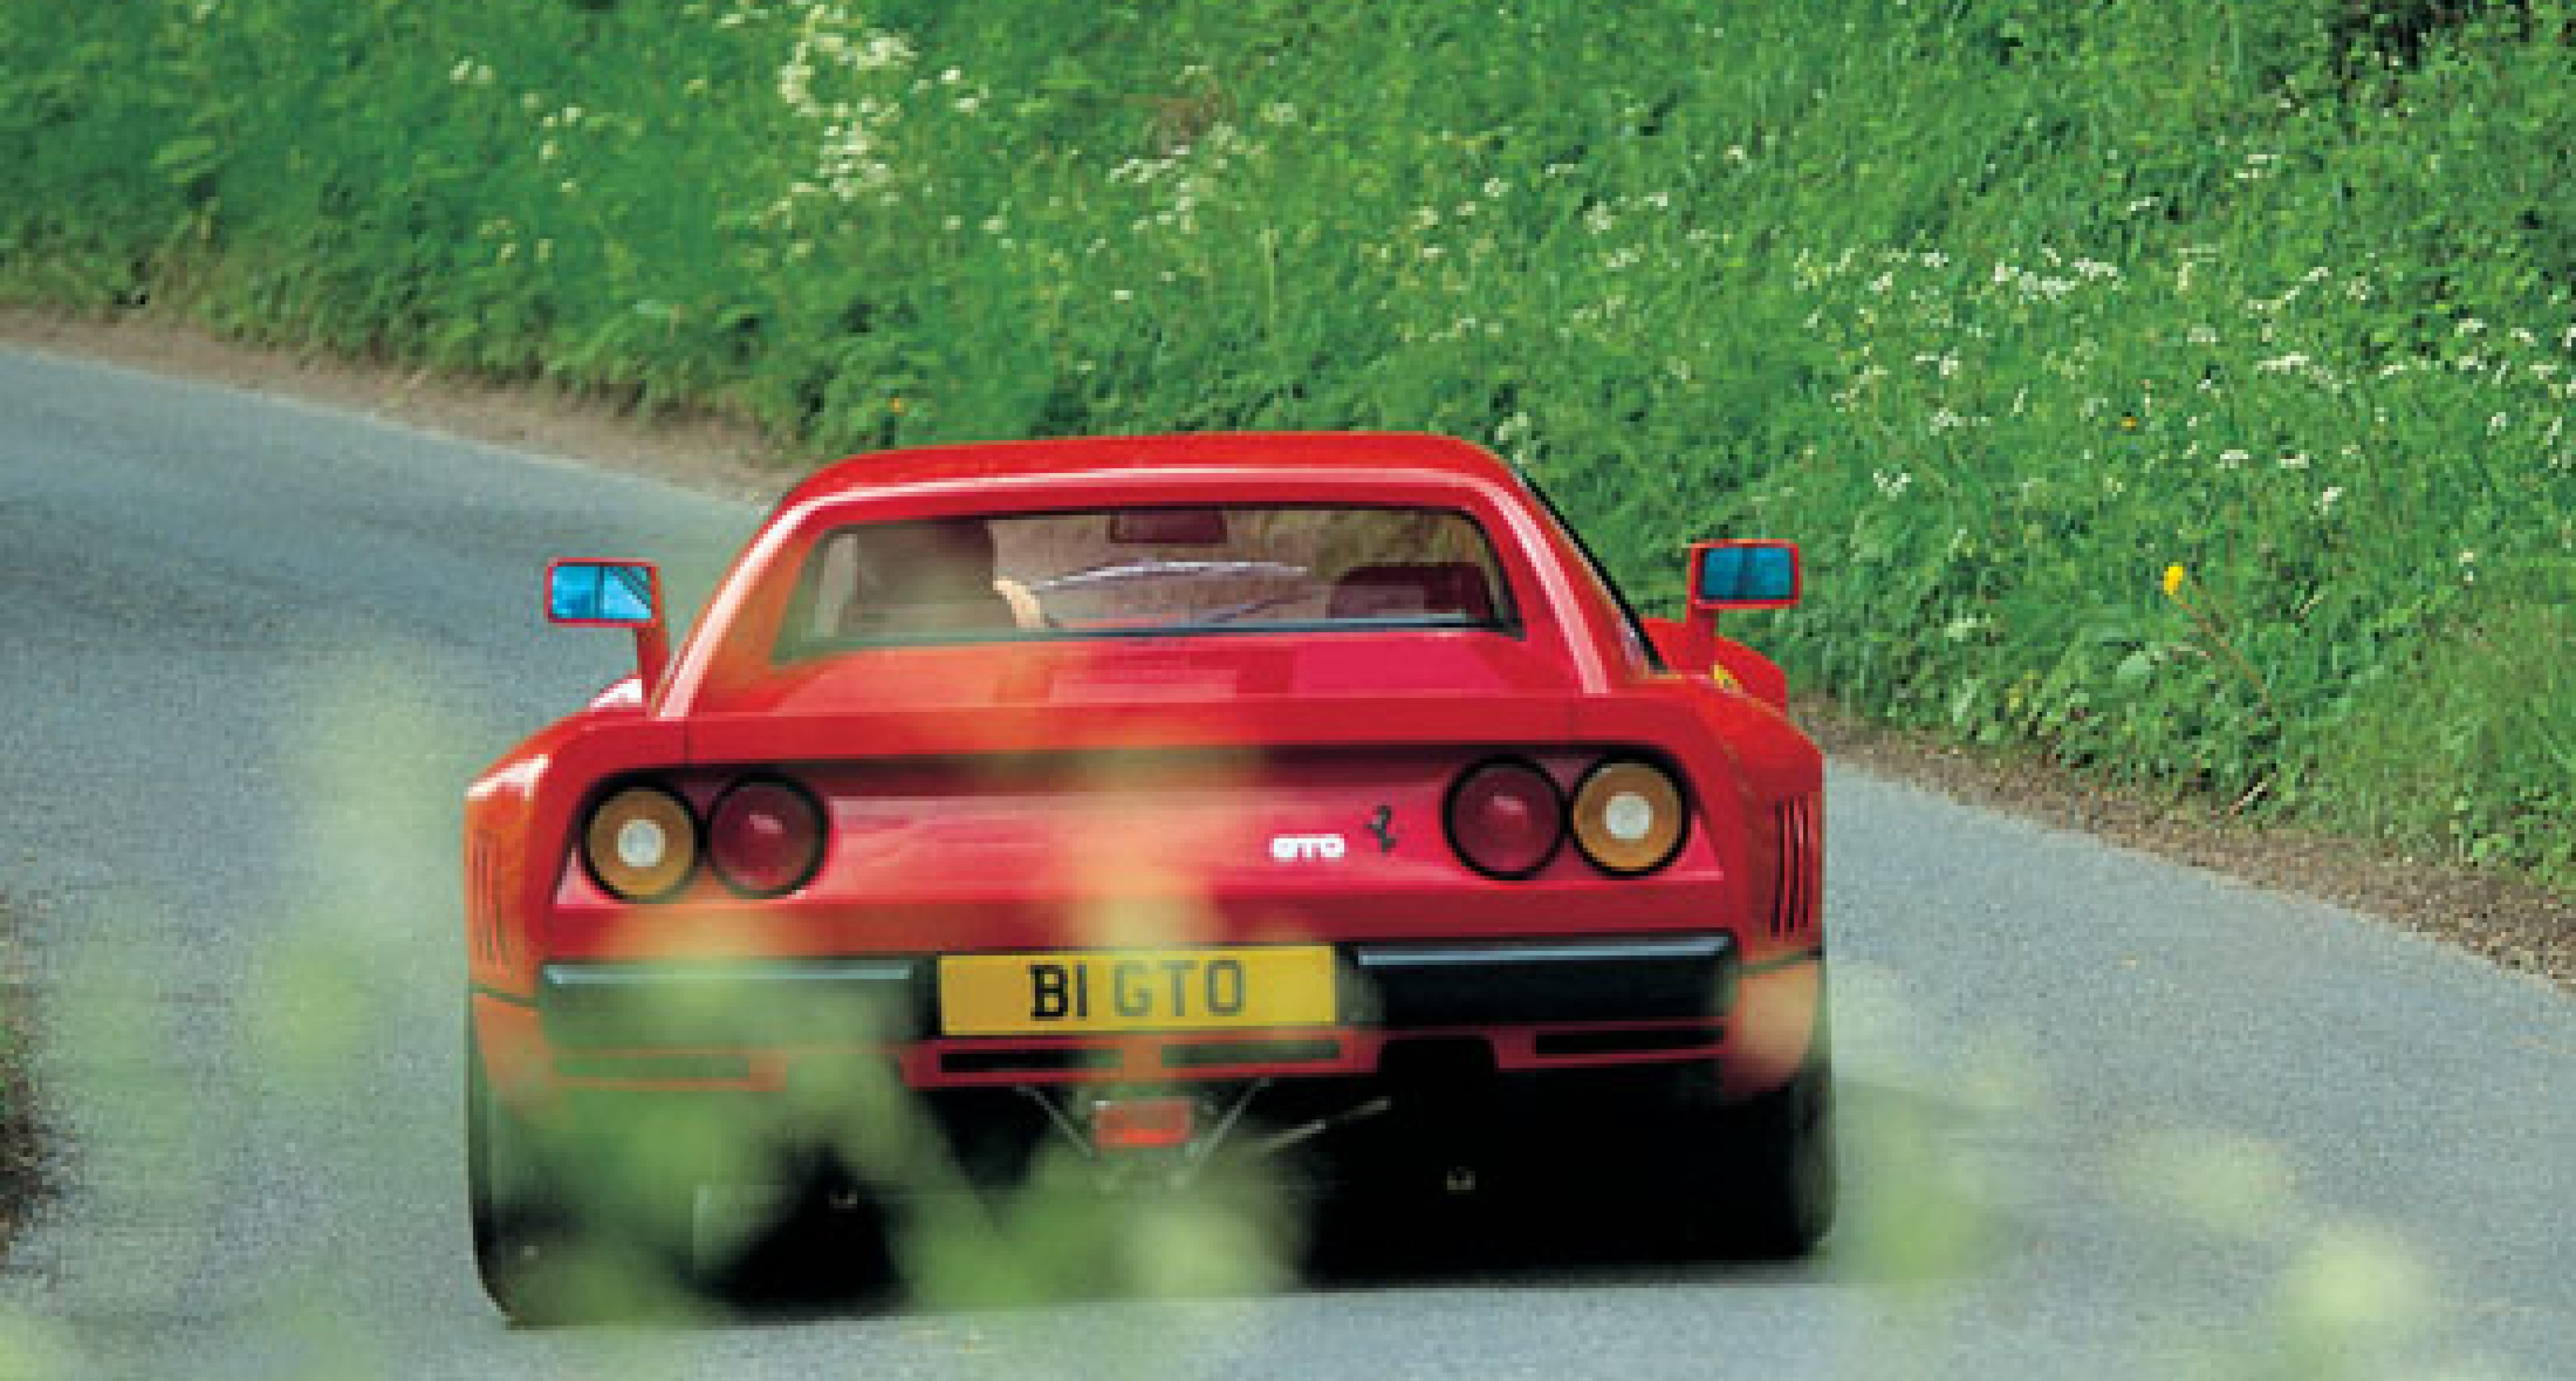 The ex-Eddie Irvine Ferrari 288GTO